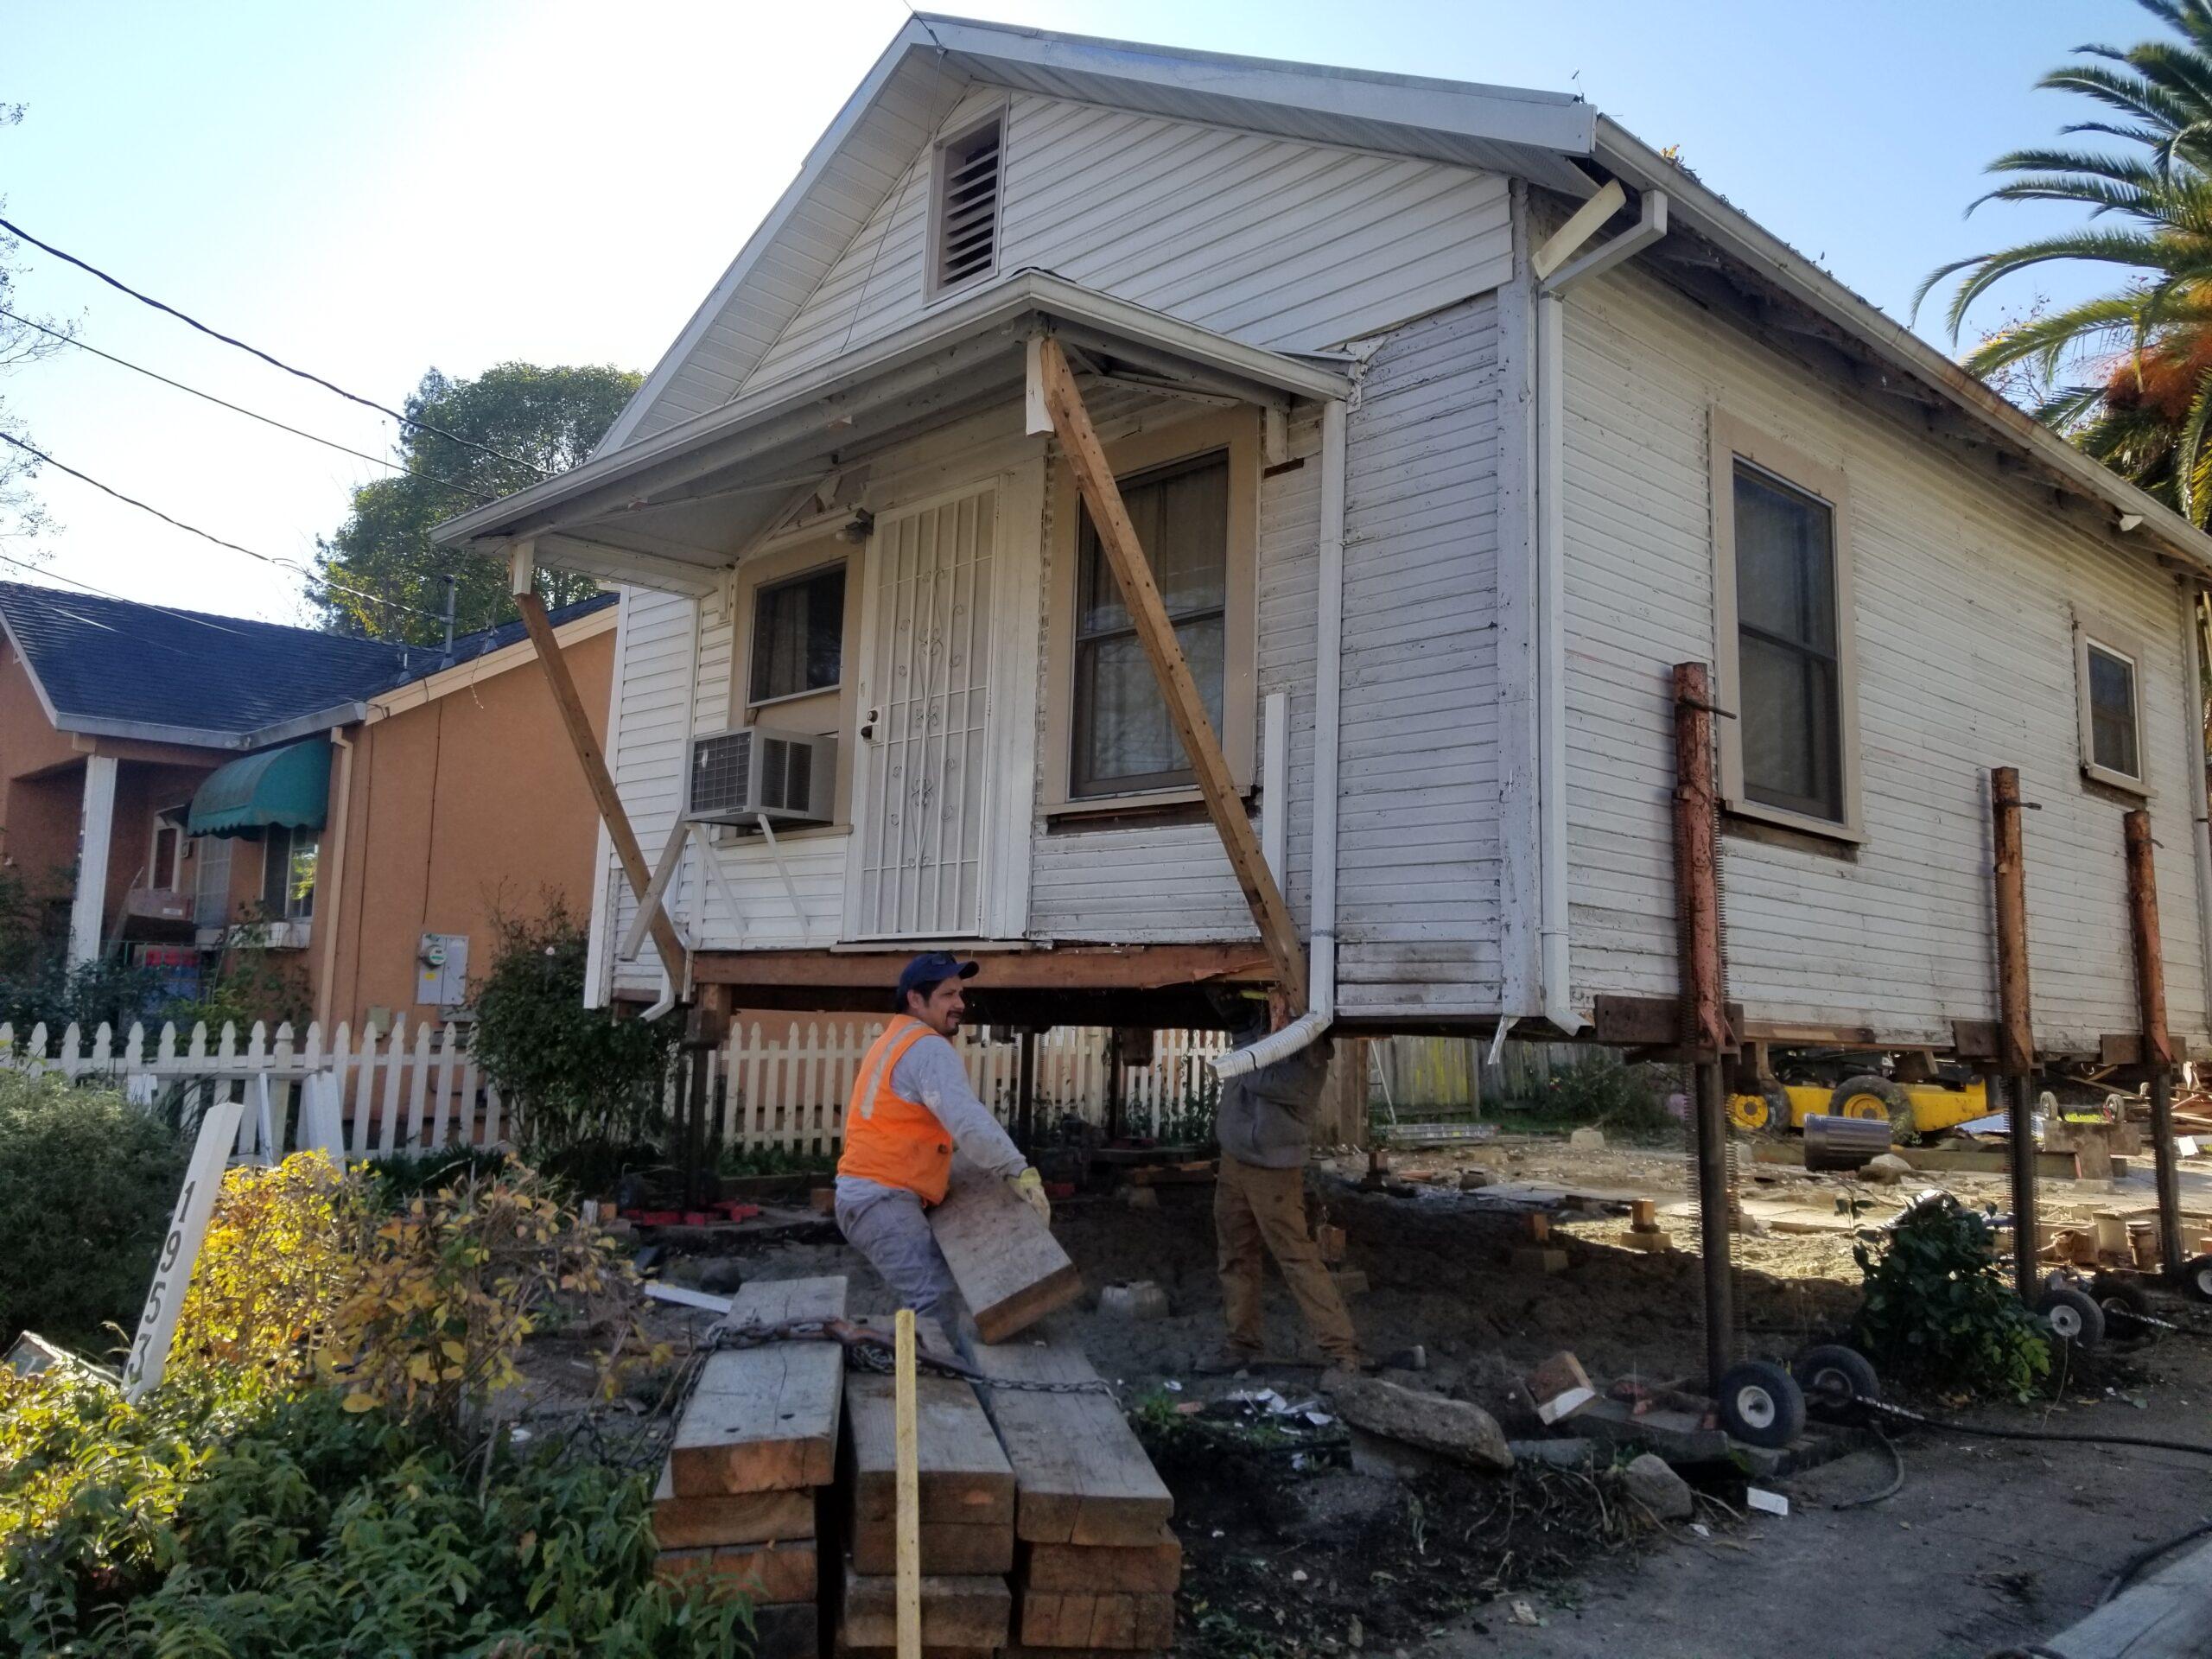 House Lifting - Phil Joy House Moving & Leveling